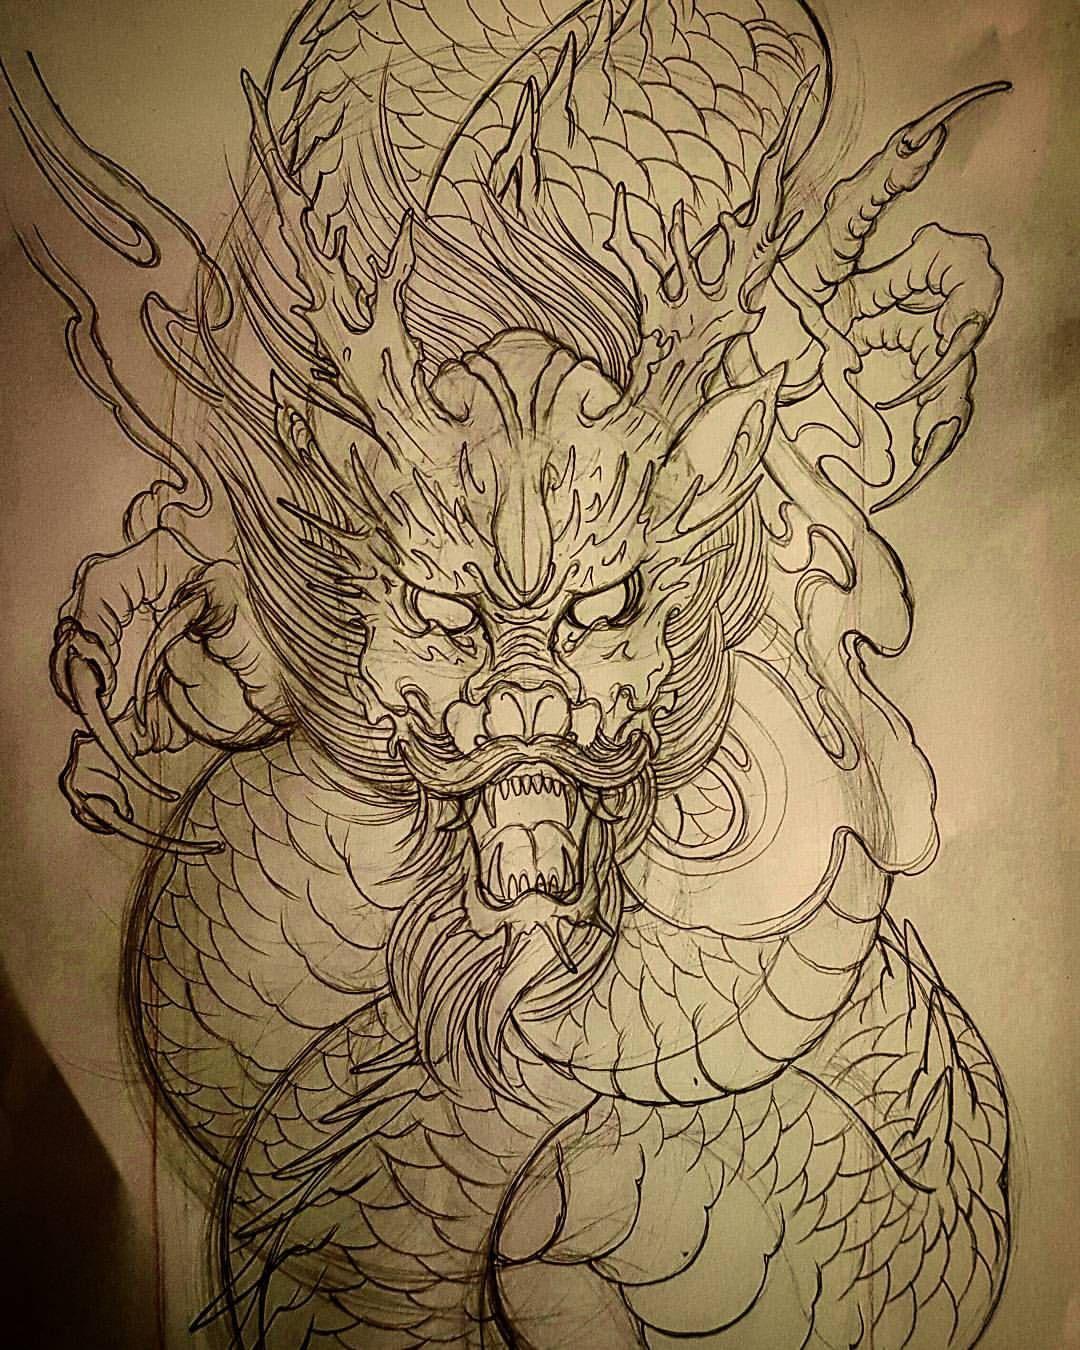 Forclient Dragon Ryu Sketch Pencil Custom Steelhearttattoosg Asian Dragon Tattoo Japanese Dragon Tattoos Dragon Tattoo Sketch